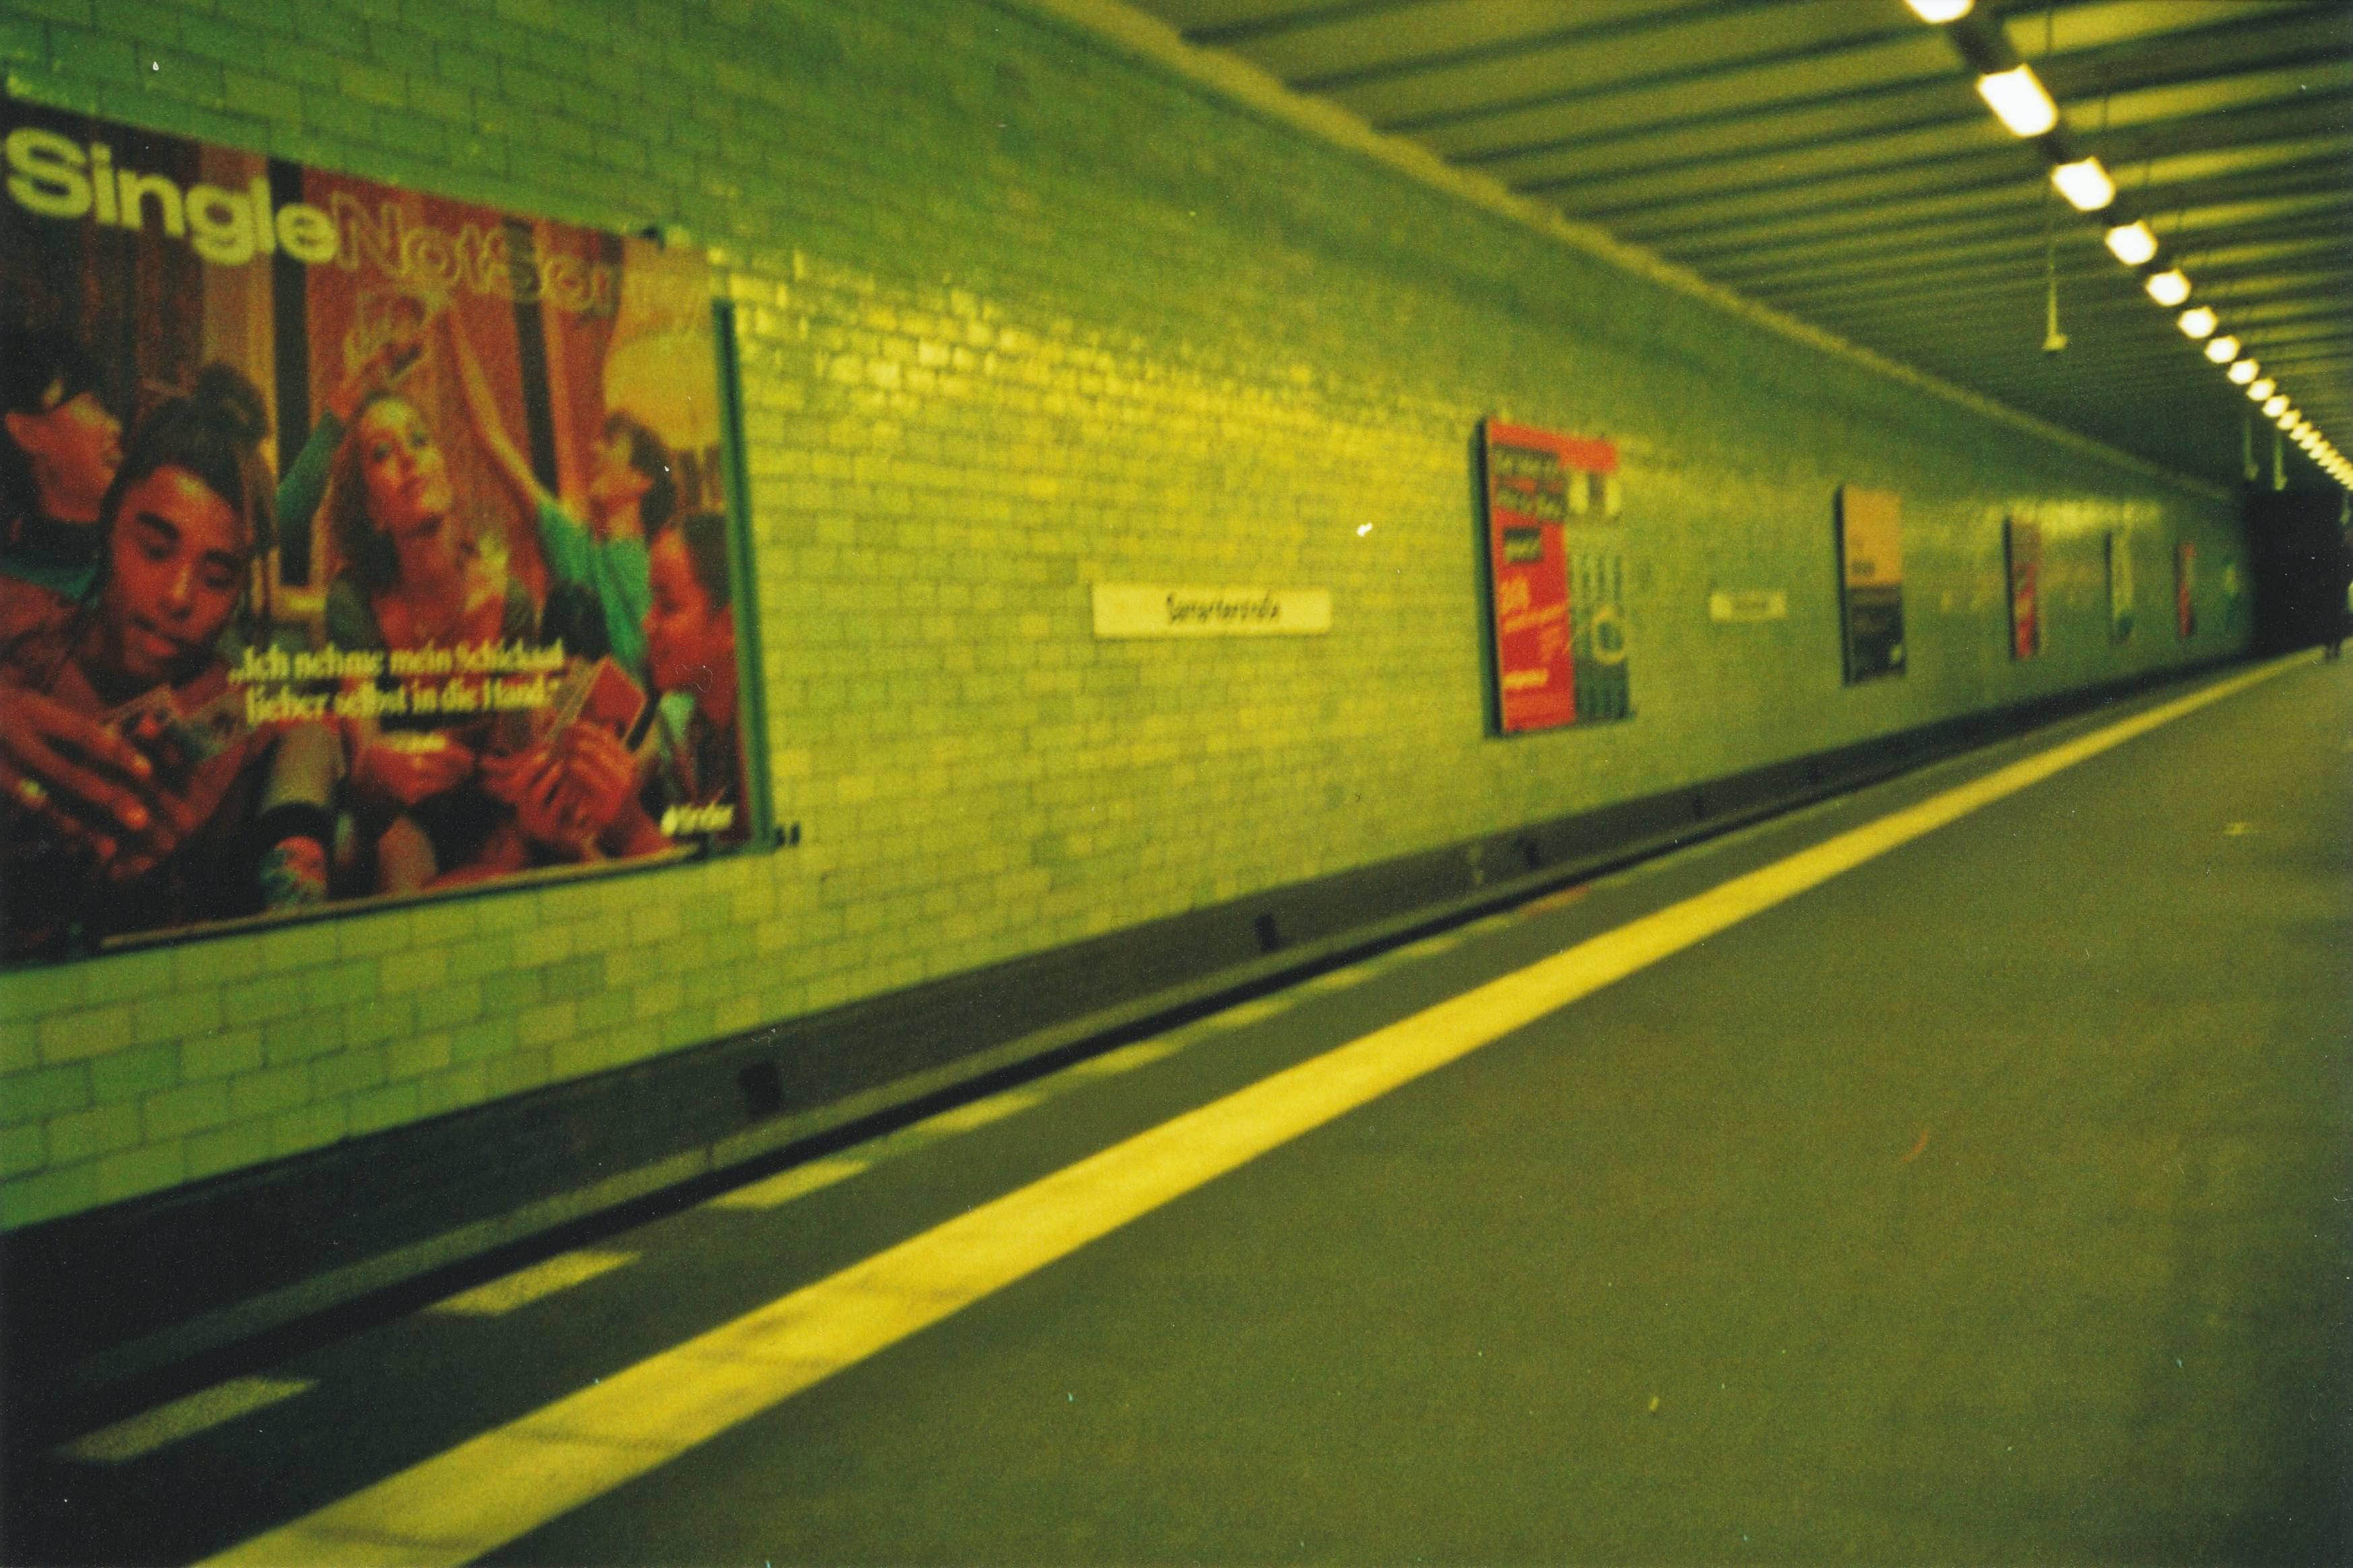 目前空无一人的地铁站